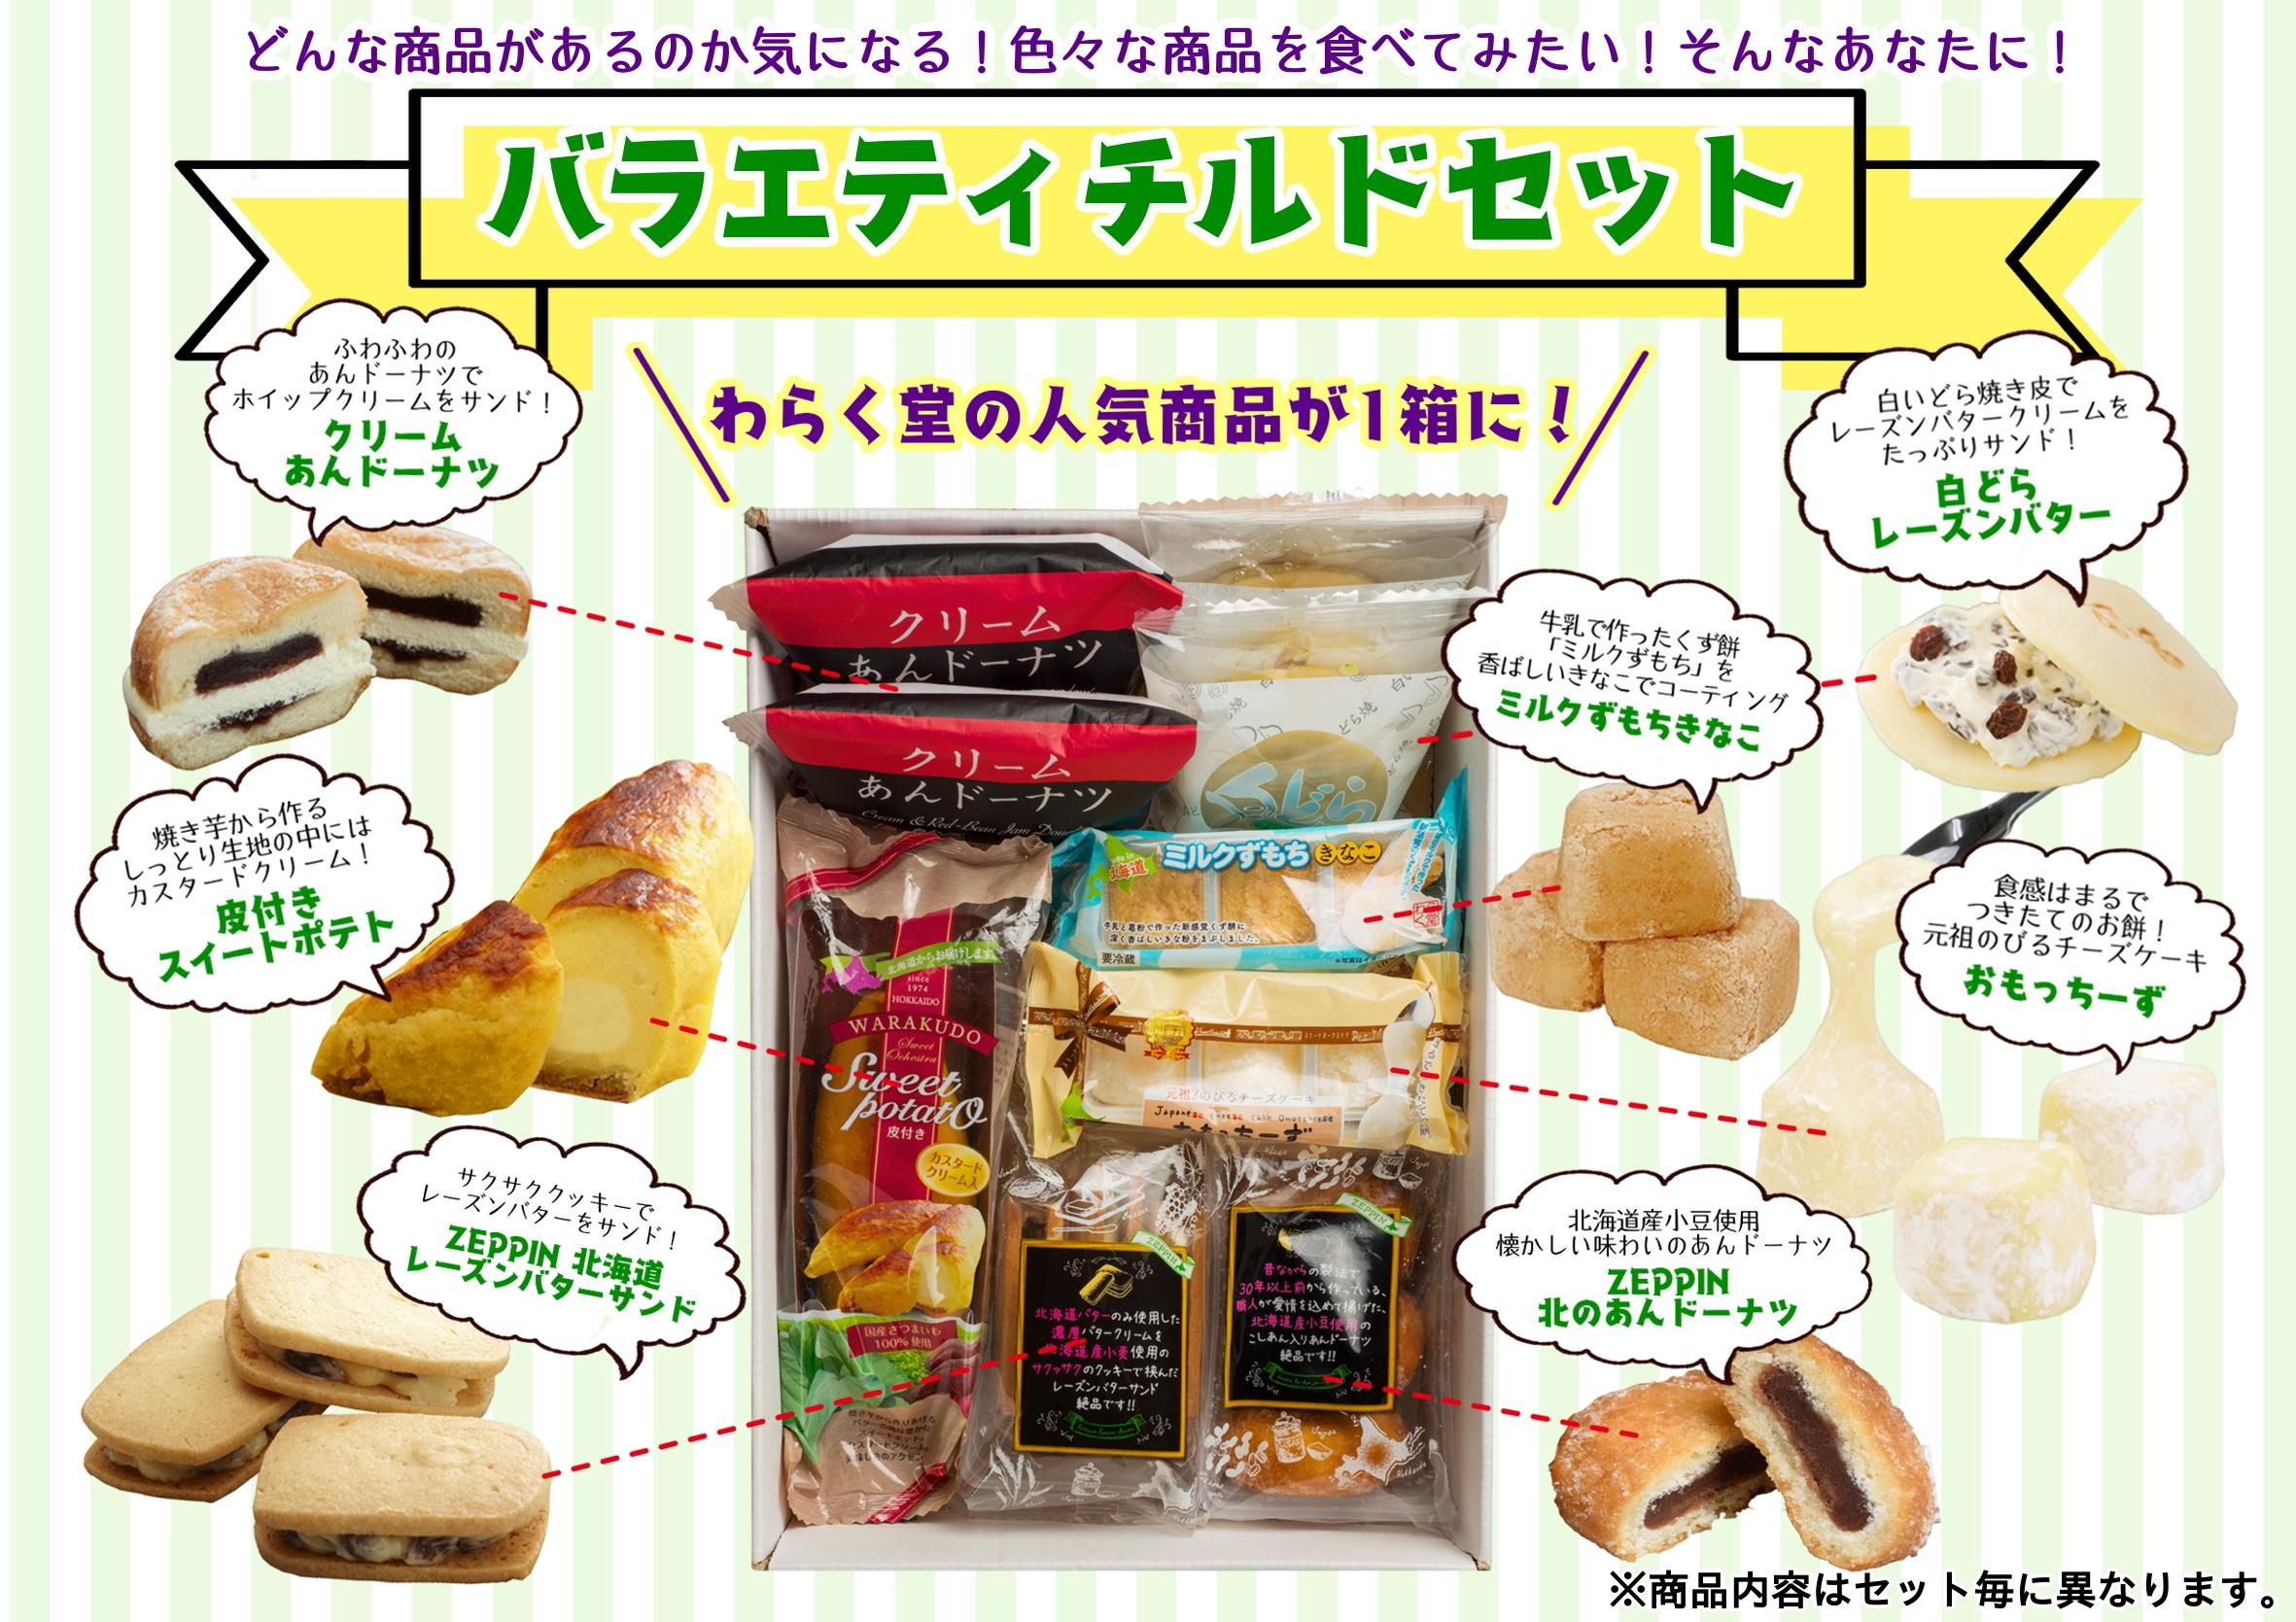 どんな商品があるか気になる!色々な商品を食べてみたい!そんなあなたに!